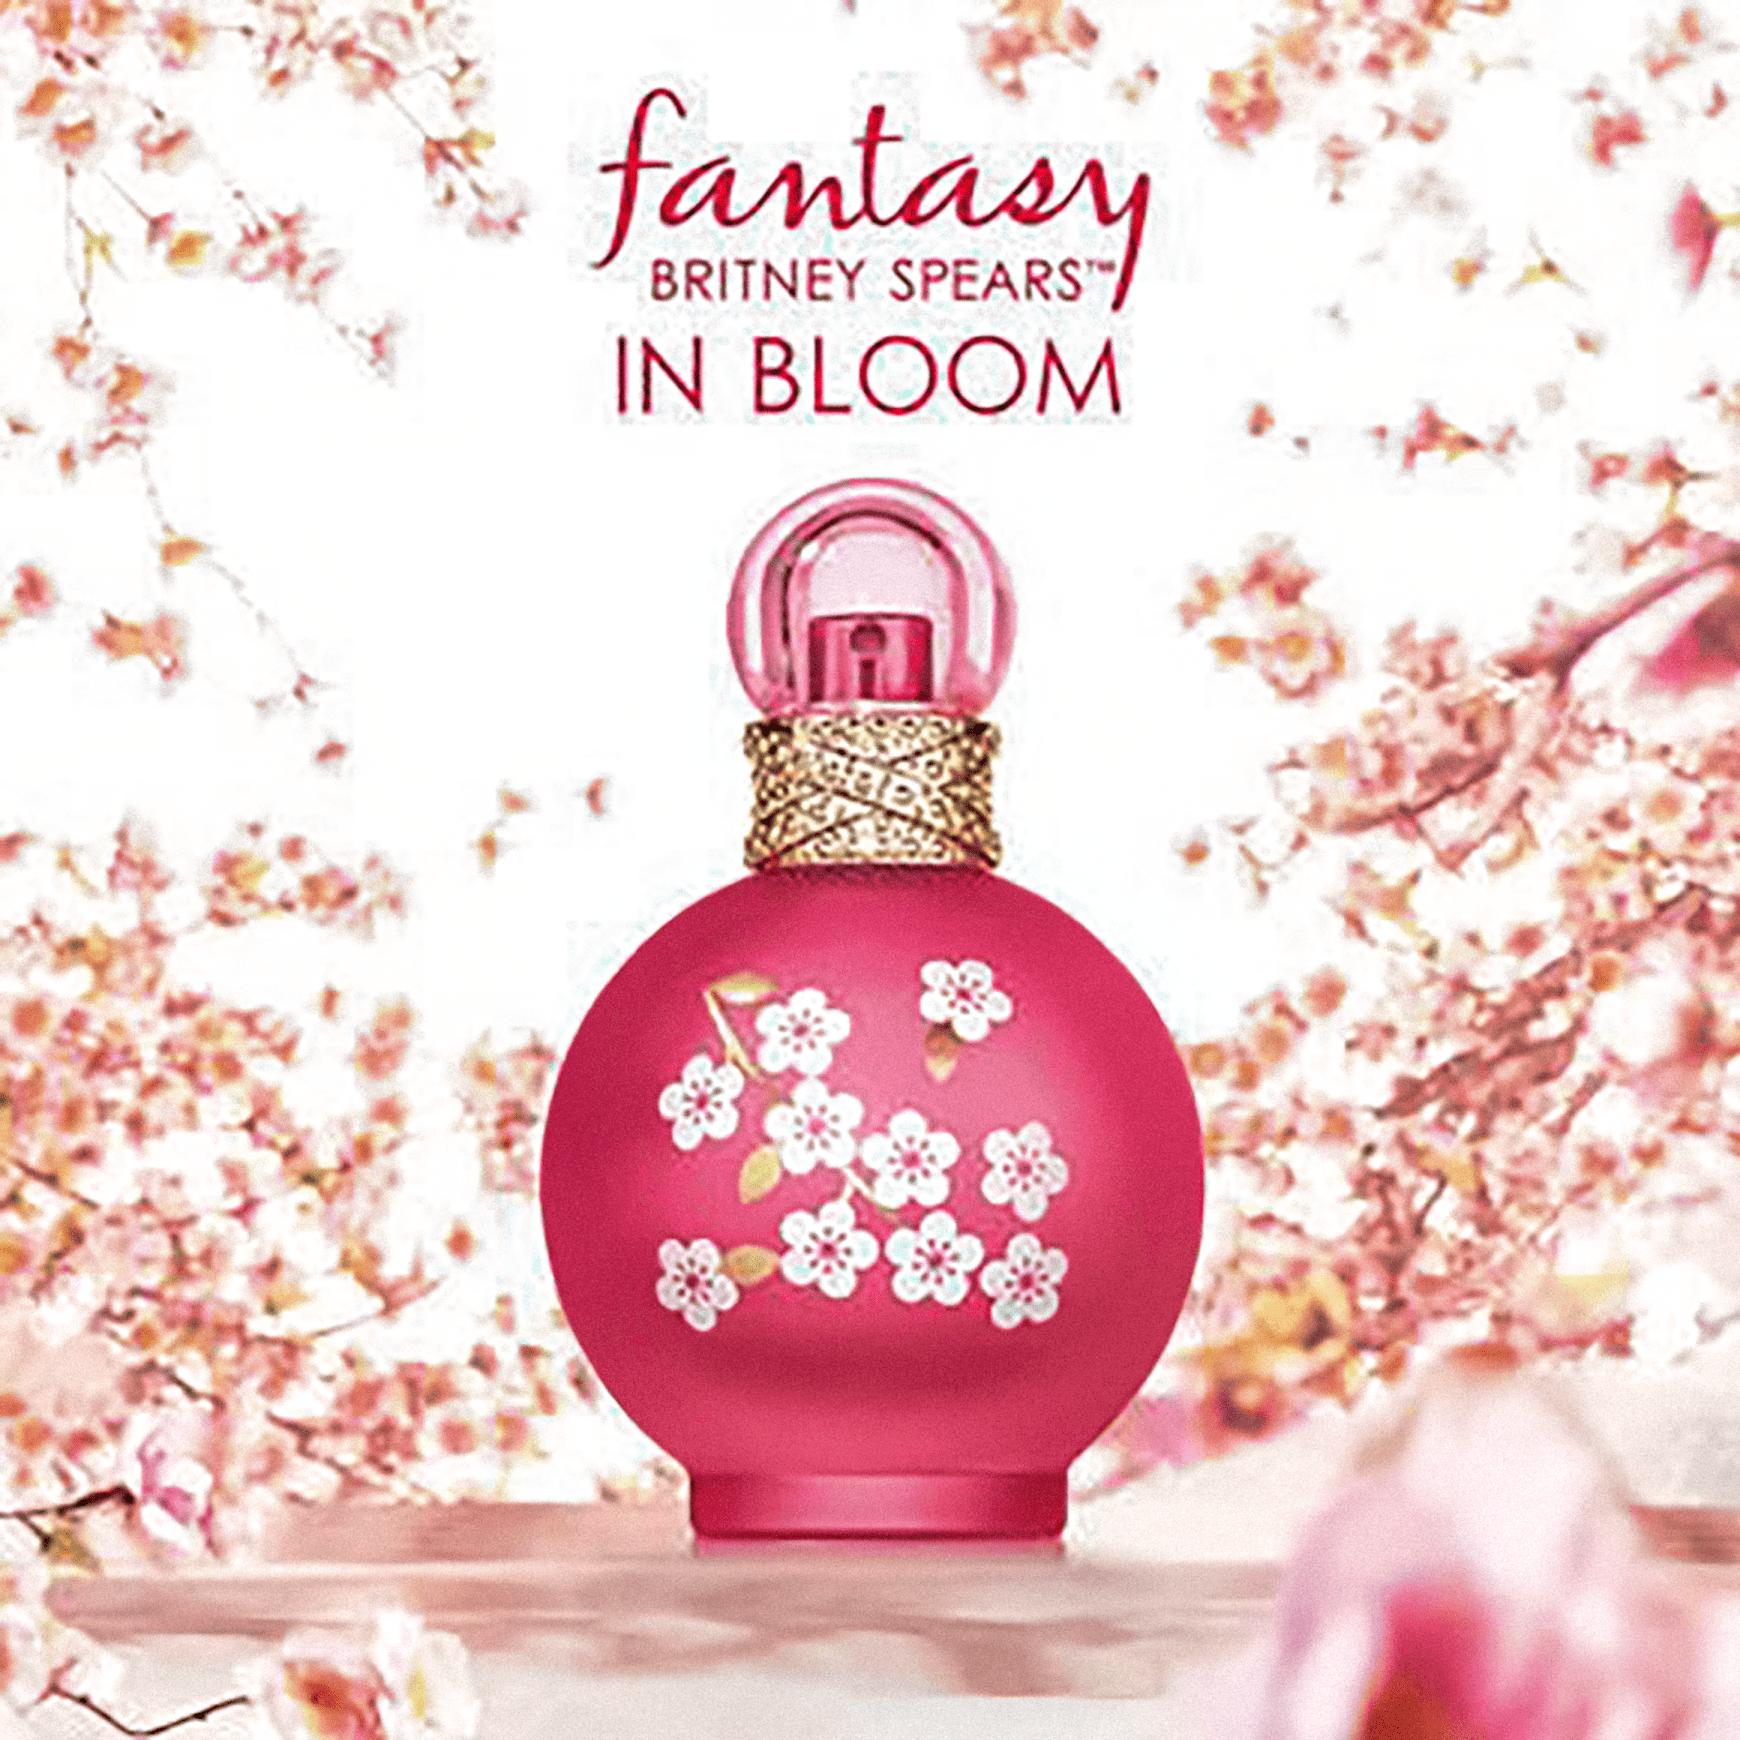 4b419d72a Fantasy in Bloom Britney Spears Eau de Toilette - Perfume Feminino 100ml